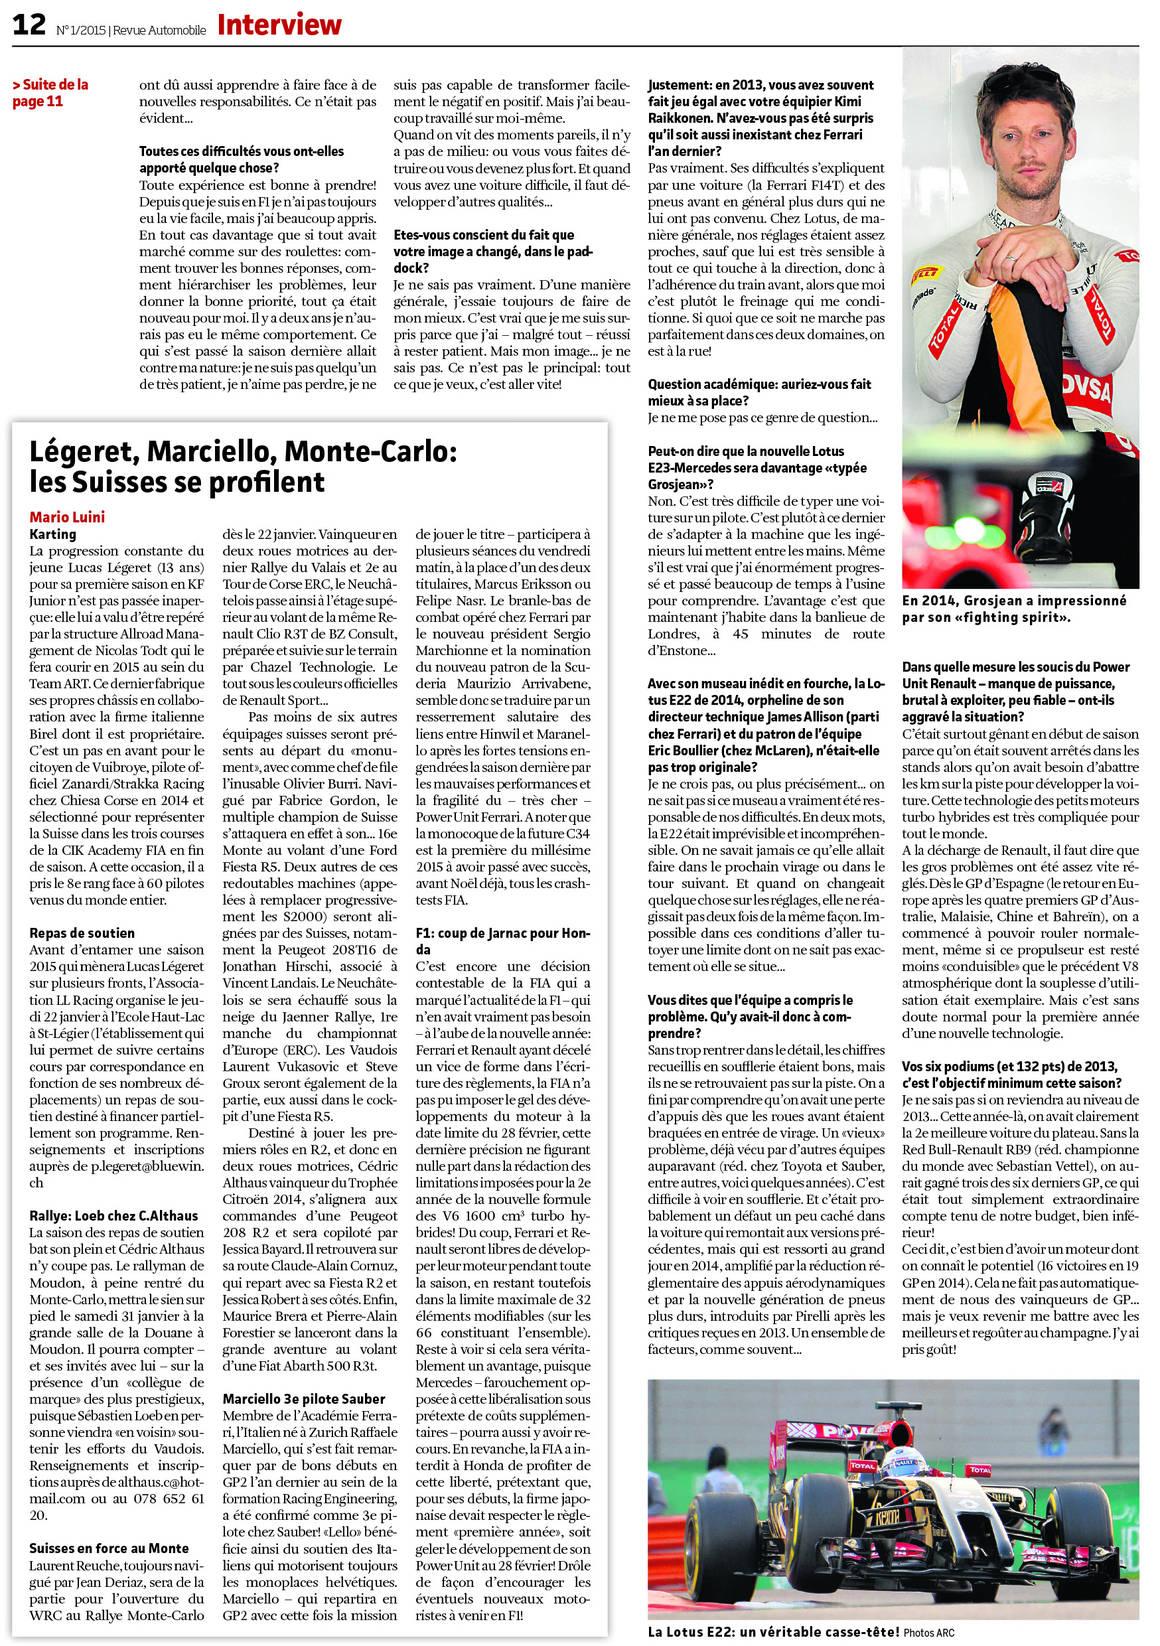 Presse-_Revue_automobile-Janv_2015_00f4de9c33